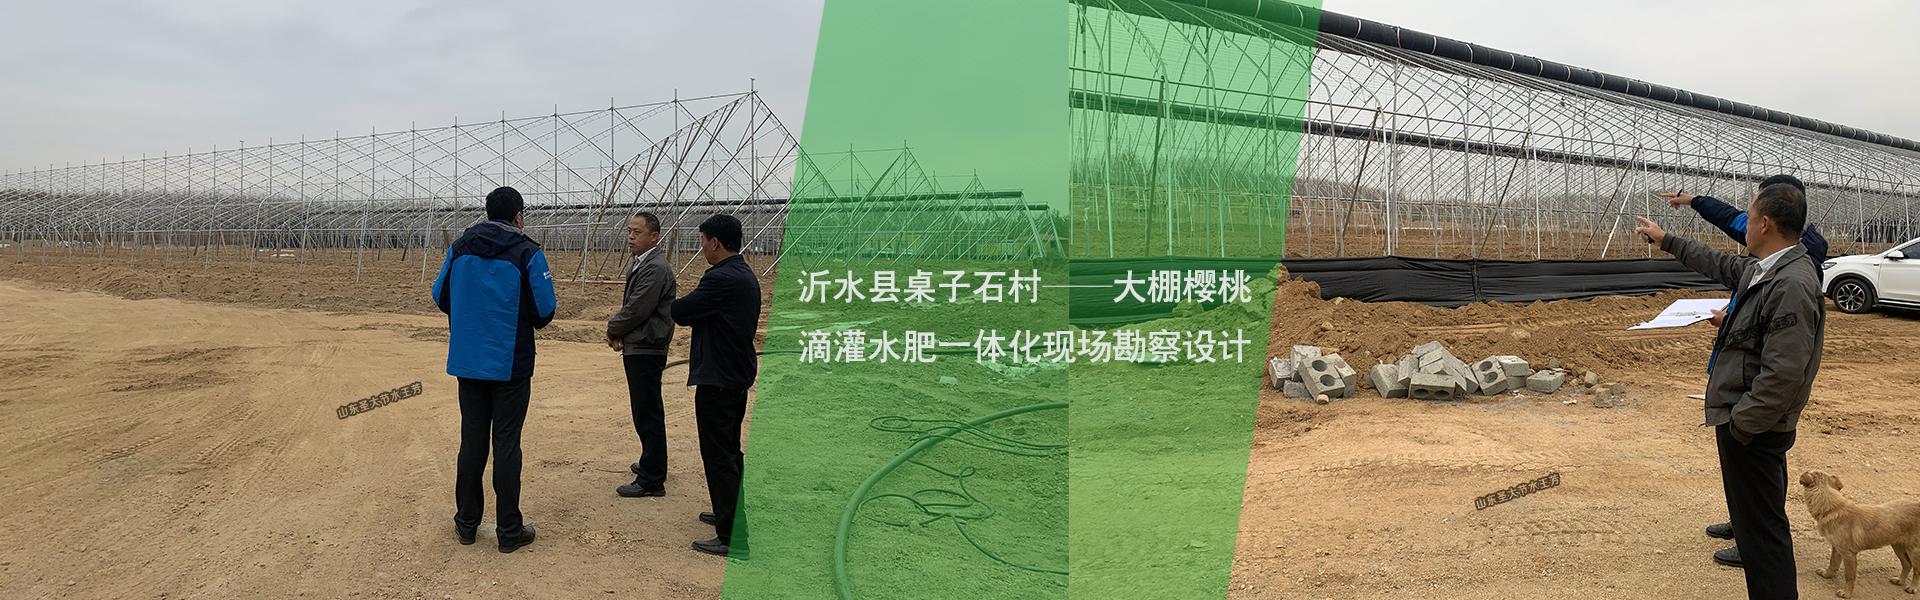 沂南大棚樱桃滴灌水肥一体化方案设计